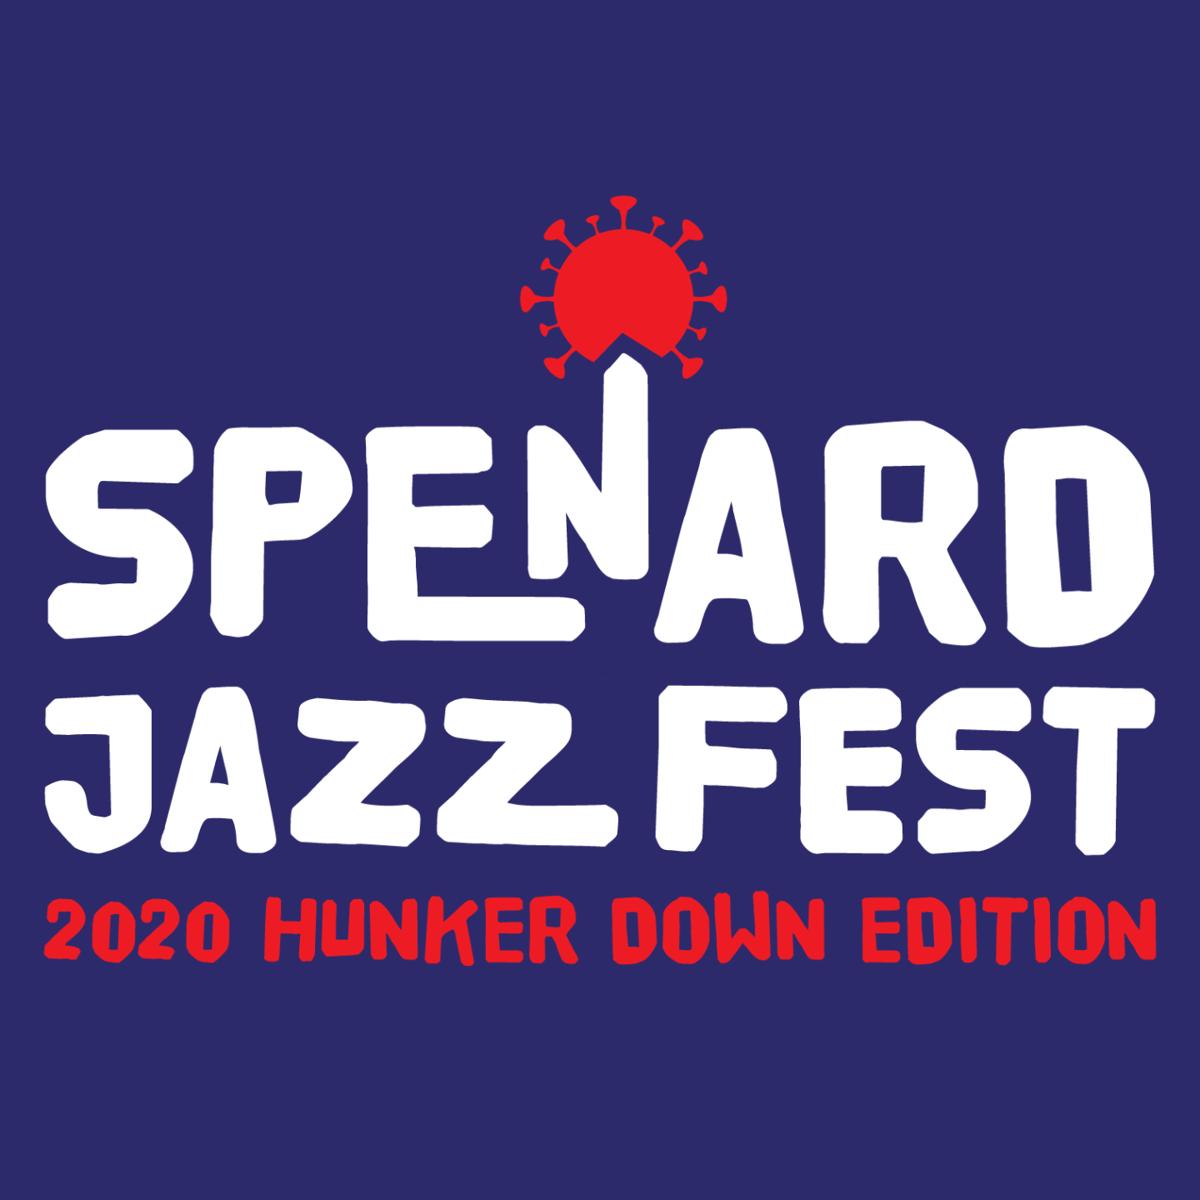 Spenard Jazz Fest logo.png